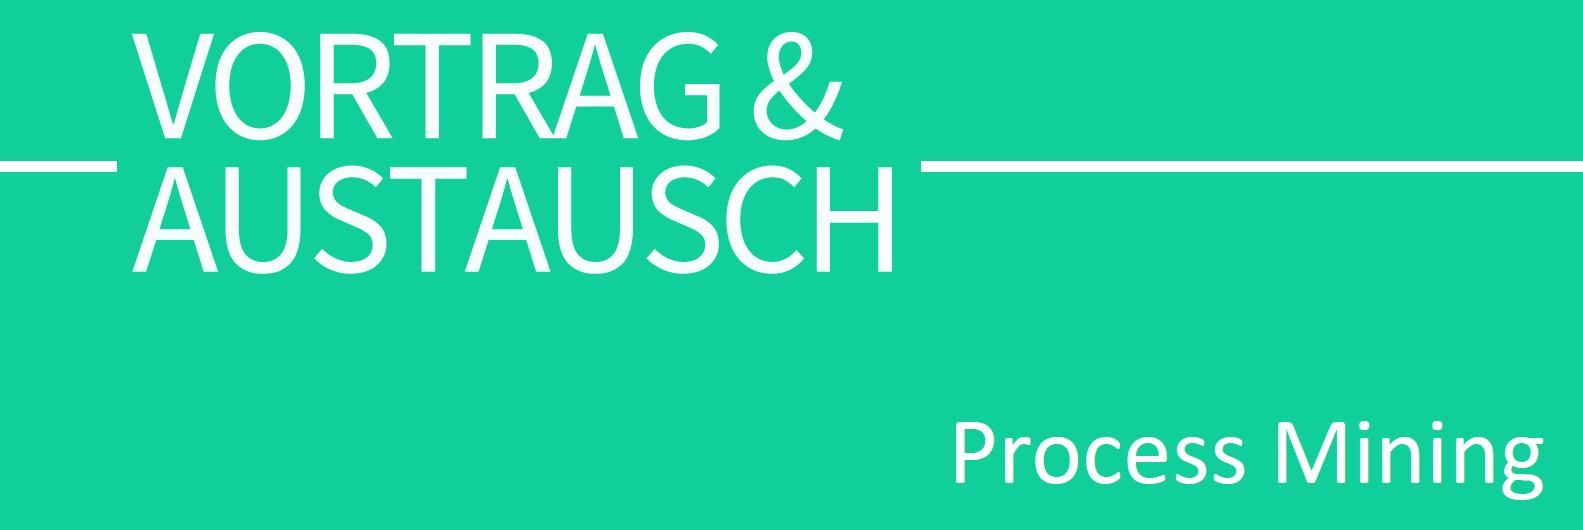 Vortrag und Austausch_Process MiningPNG